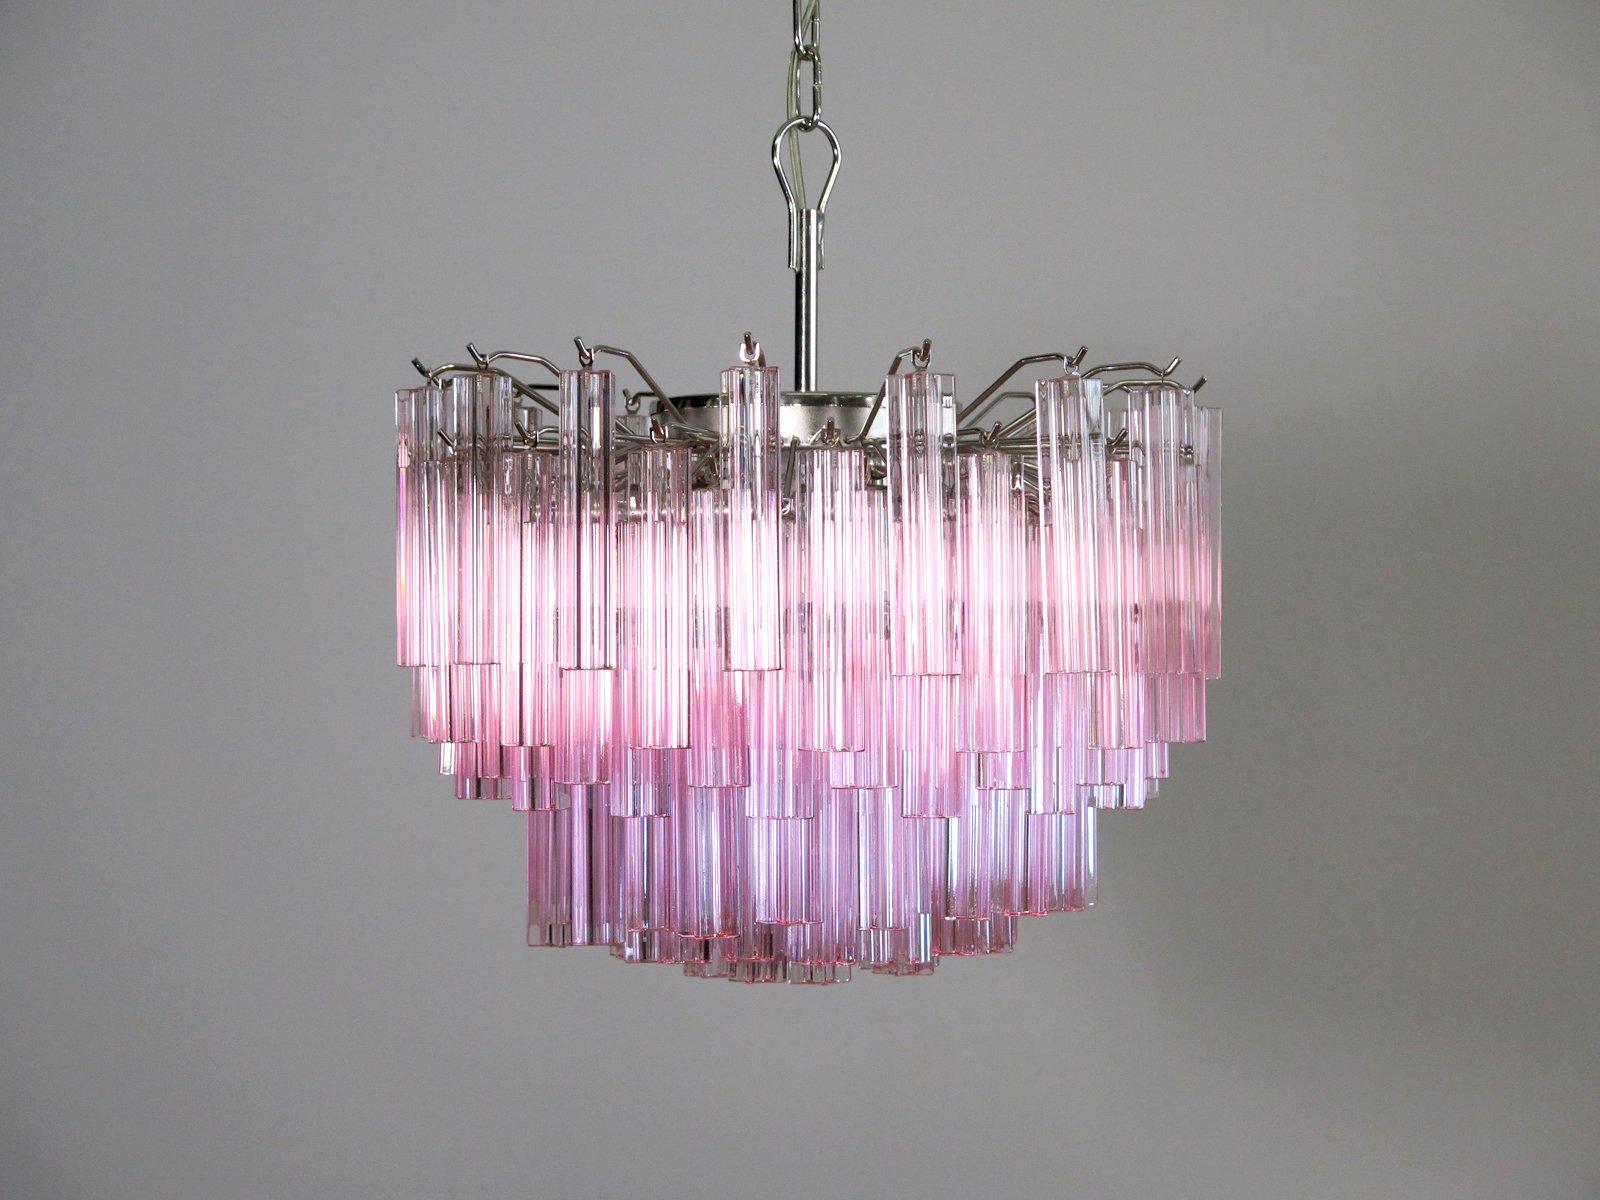 Ricambi Plafoniere Vetro : Lampadario vetro murano rosa: carlo moretti lampada ovale di